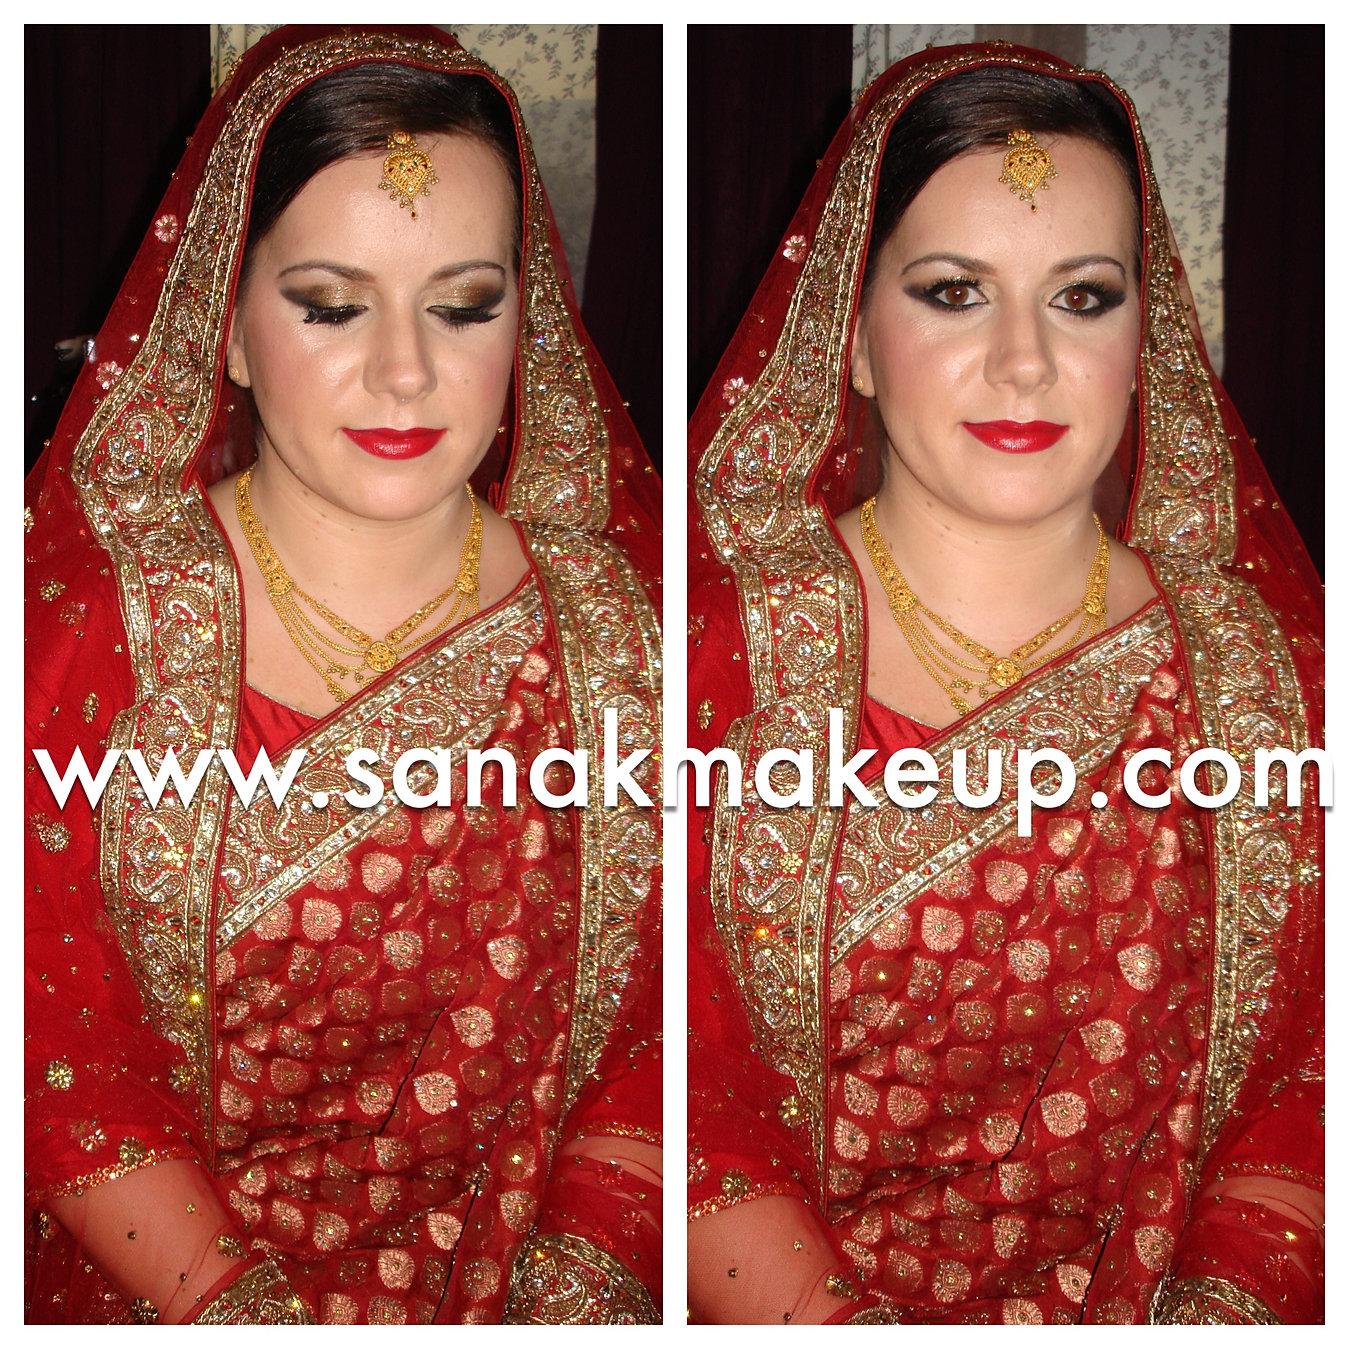 asian bridal makeup artist london | asian bridal makeup courses london